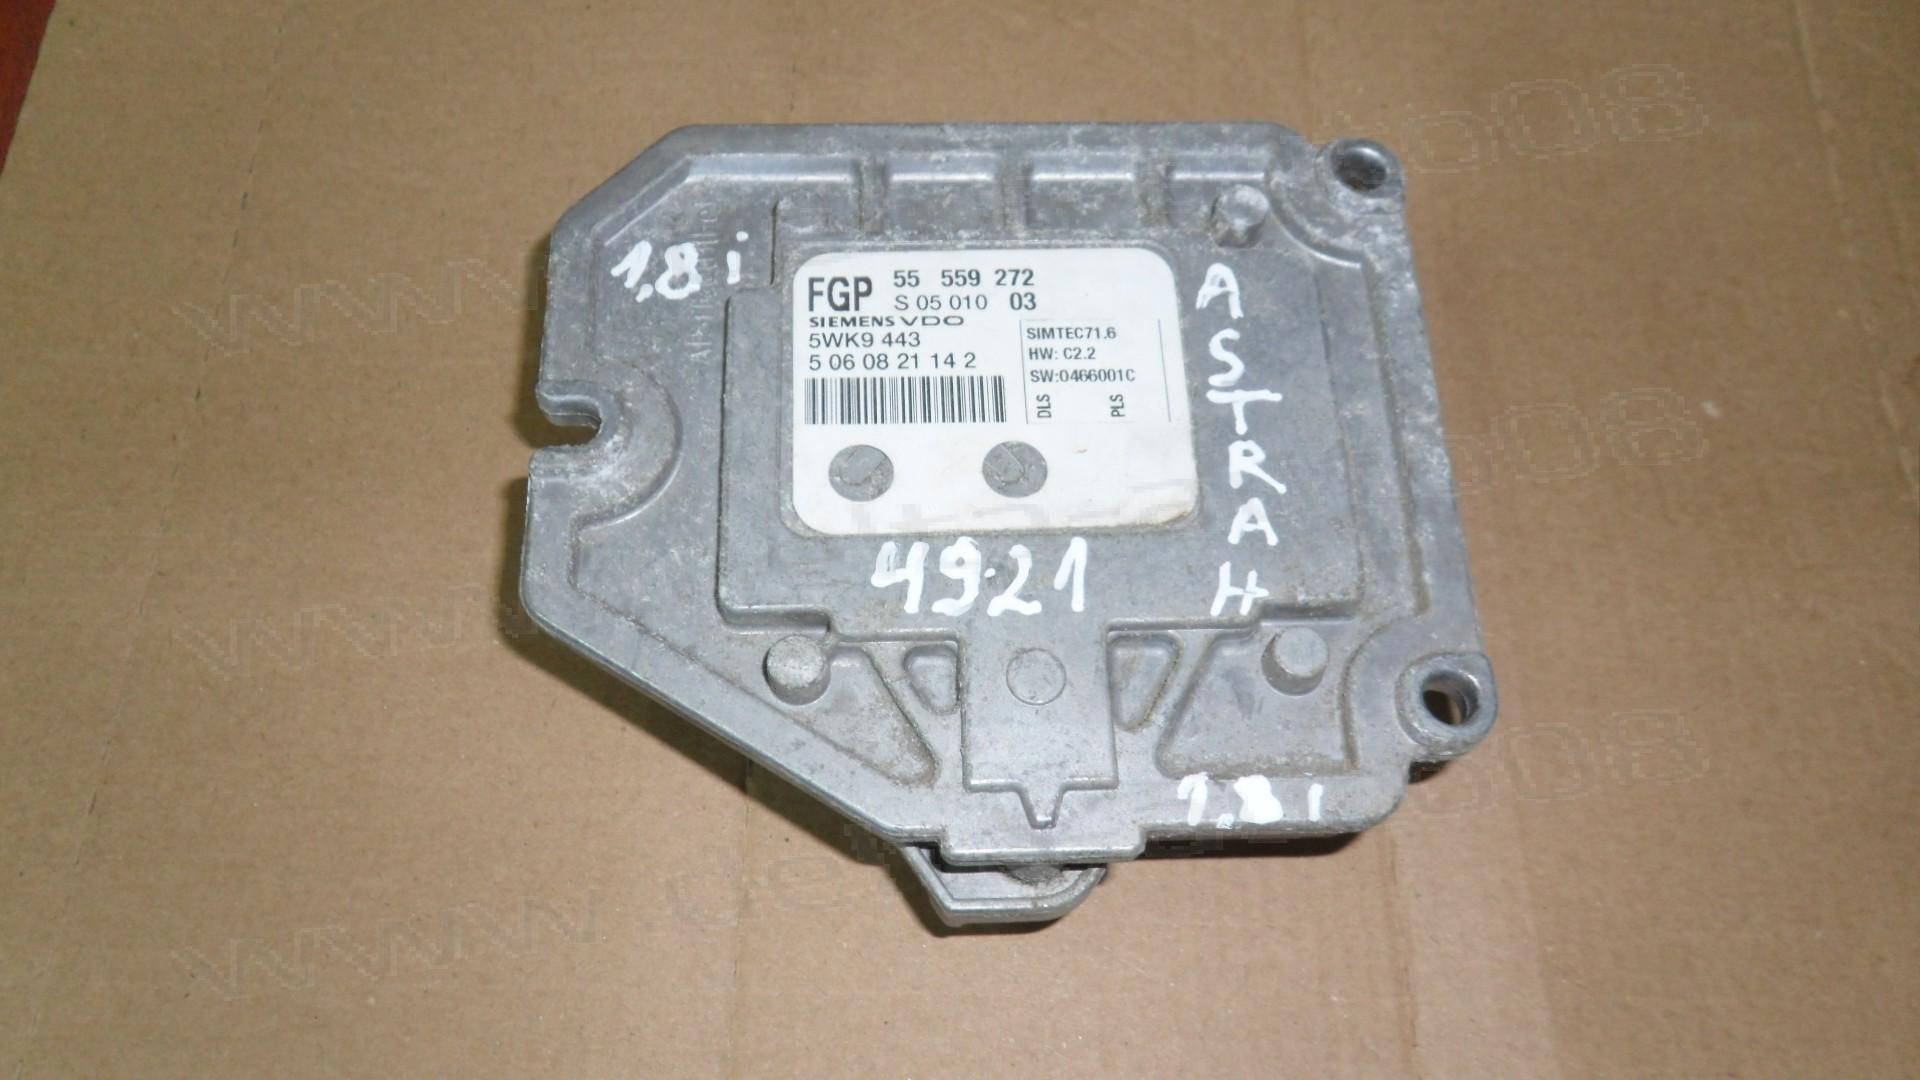 Компютър двигател за Opel Astra H 1.8i 2007г., 5WK9 443, 5WK9443, 55 559 272, 55559272, S 05 010 03, S0501003, 0446001C